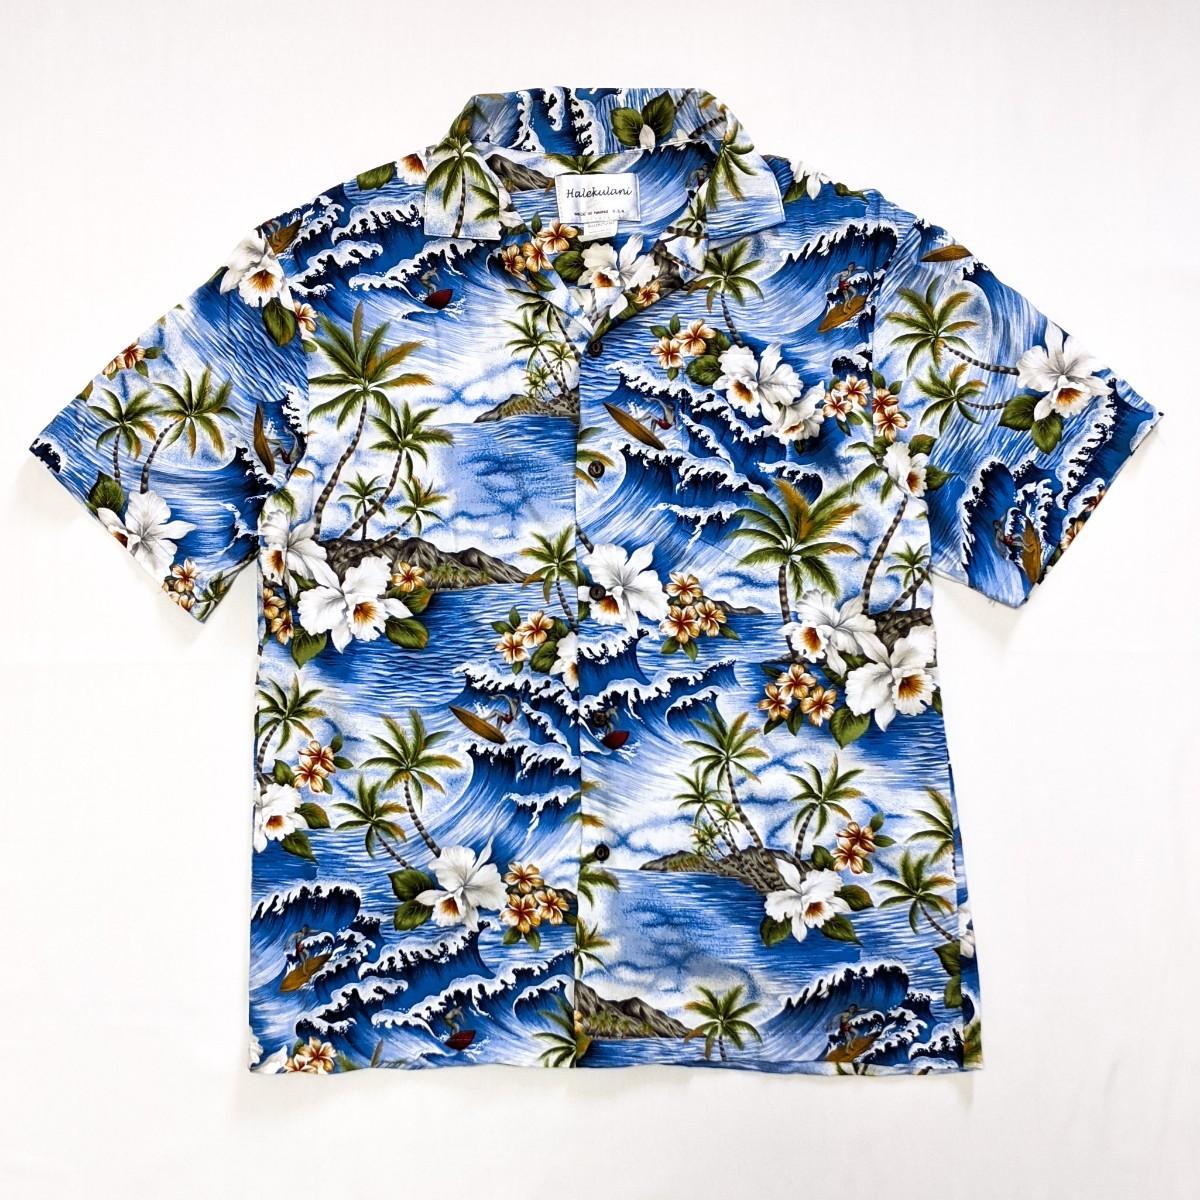 アロハシャツ ハワイ Hawaii アメリカ製 USA サーフィン 海